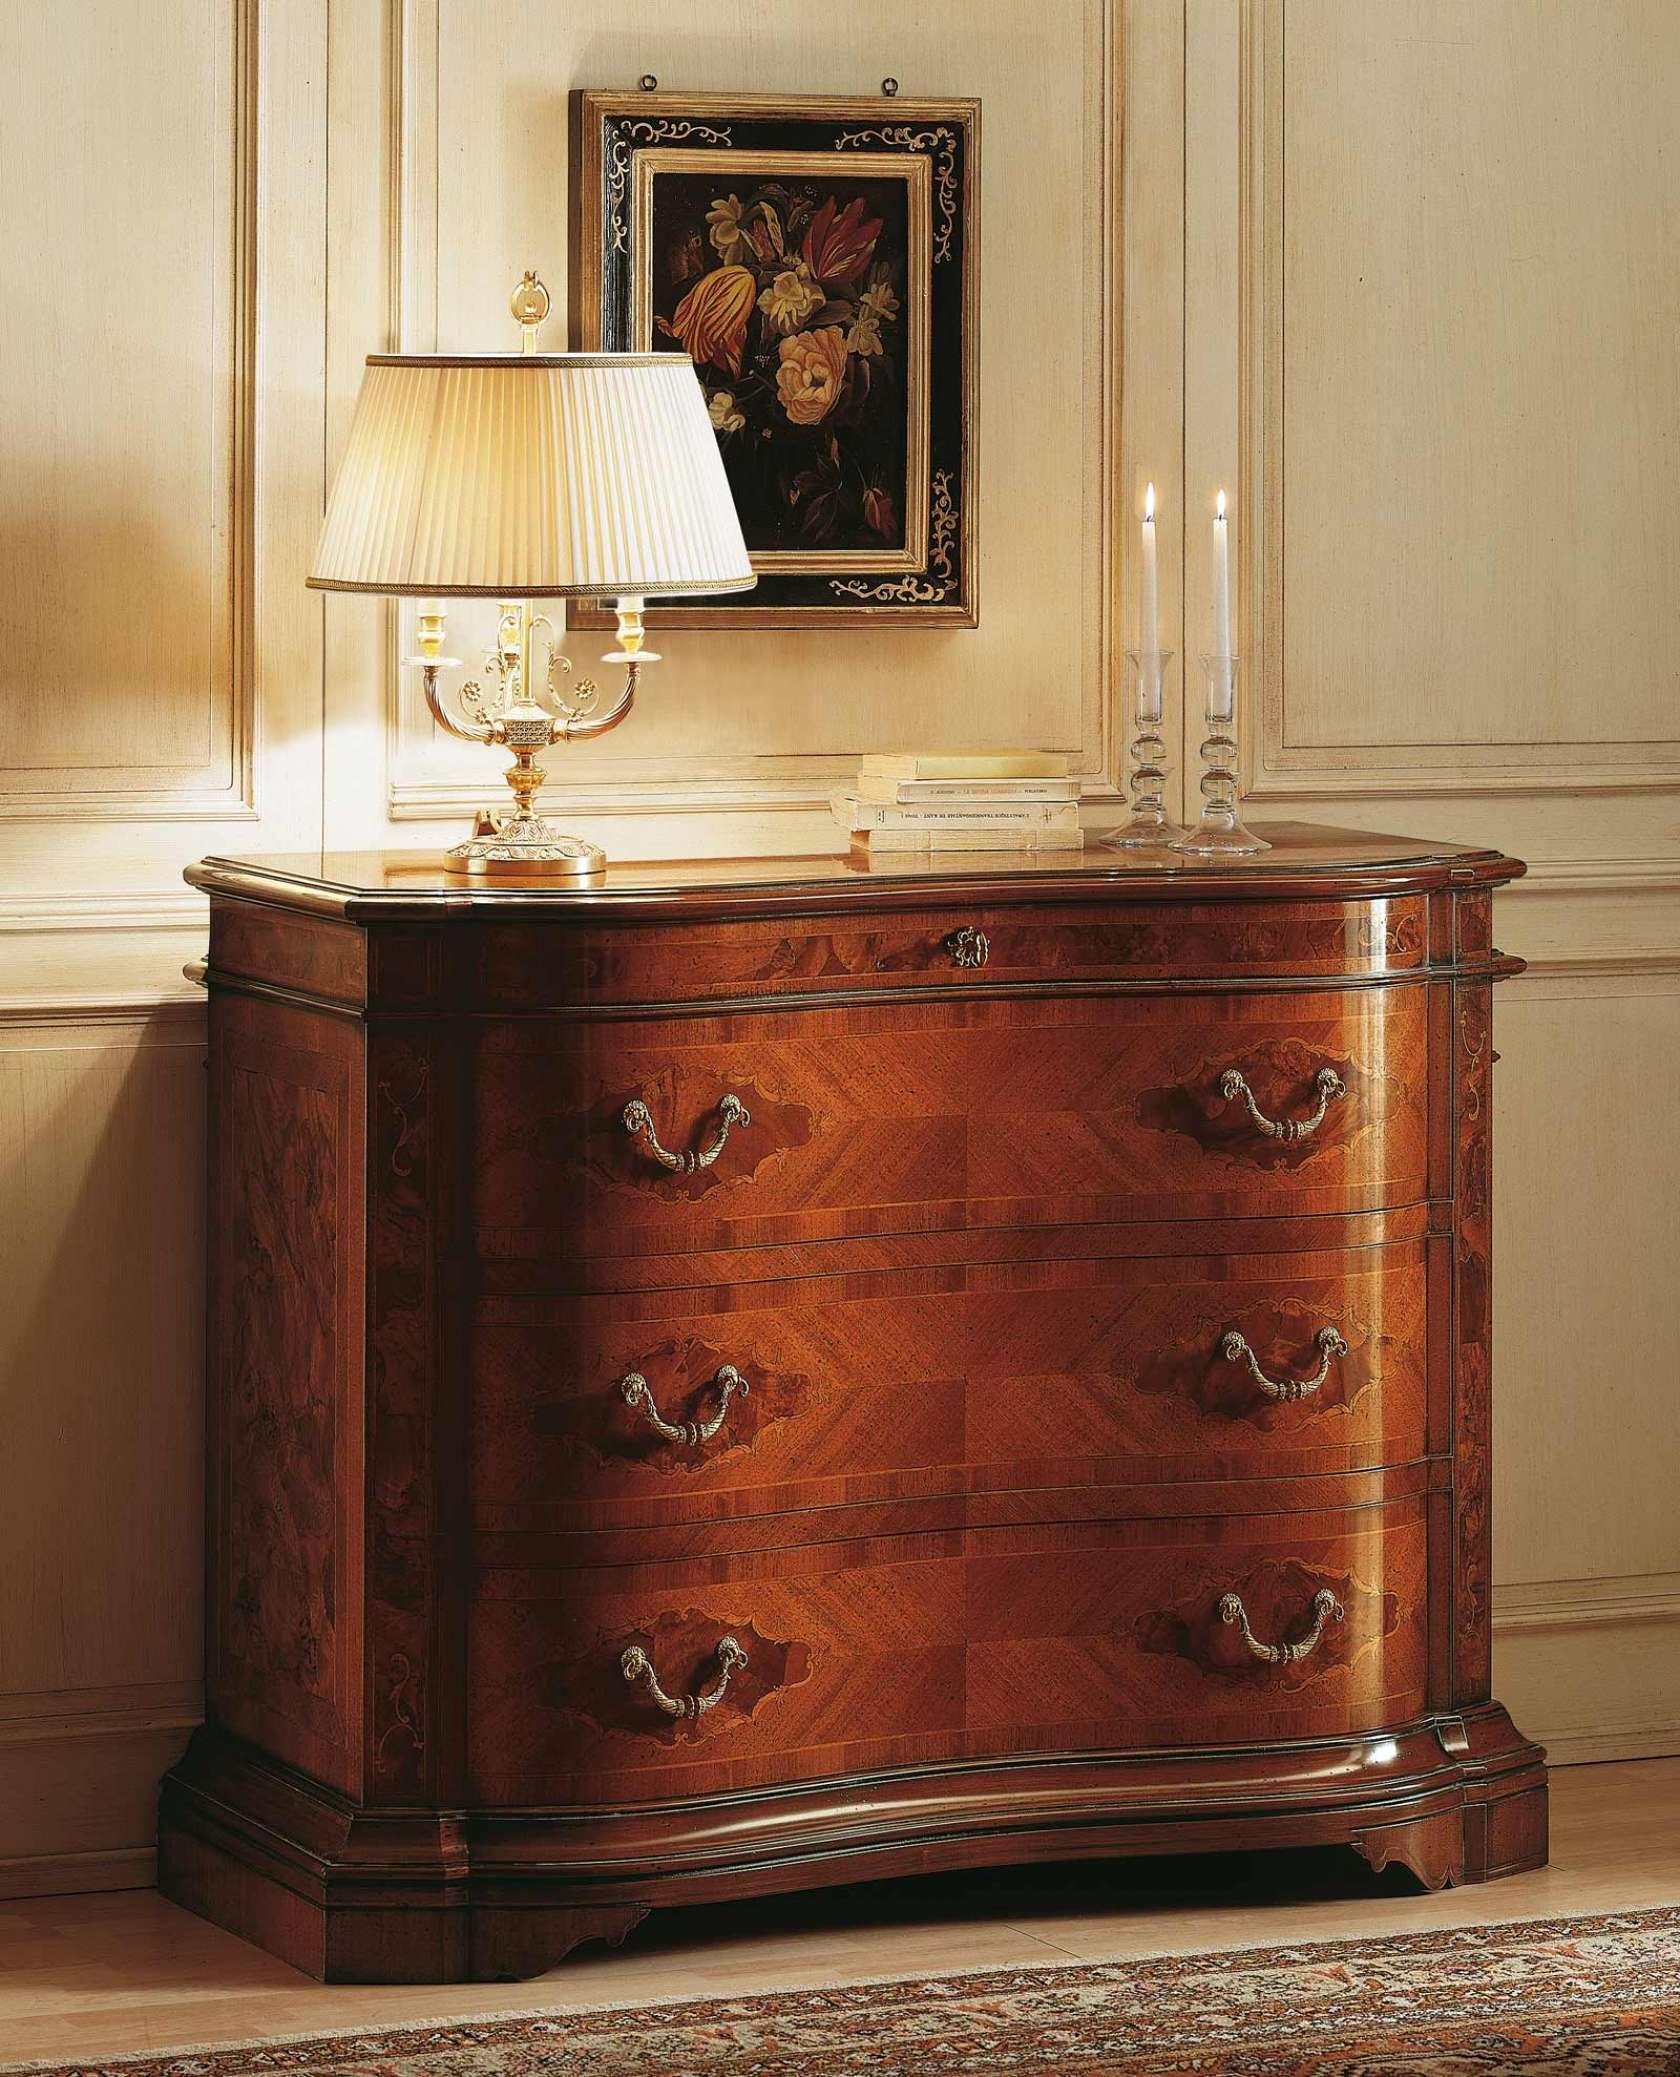 Collezione mobili classici 700 lombardo com in noce - Mobili classici di lusso ...